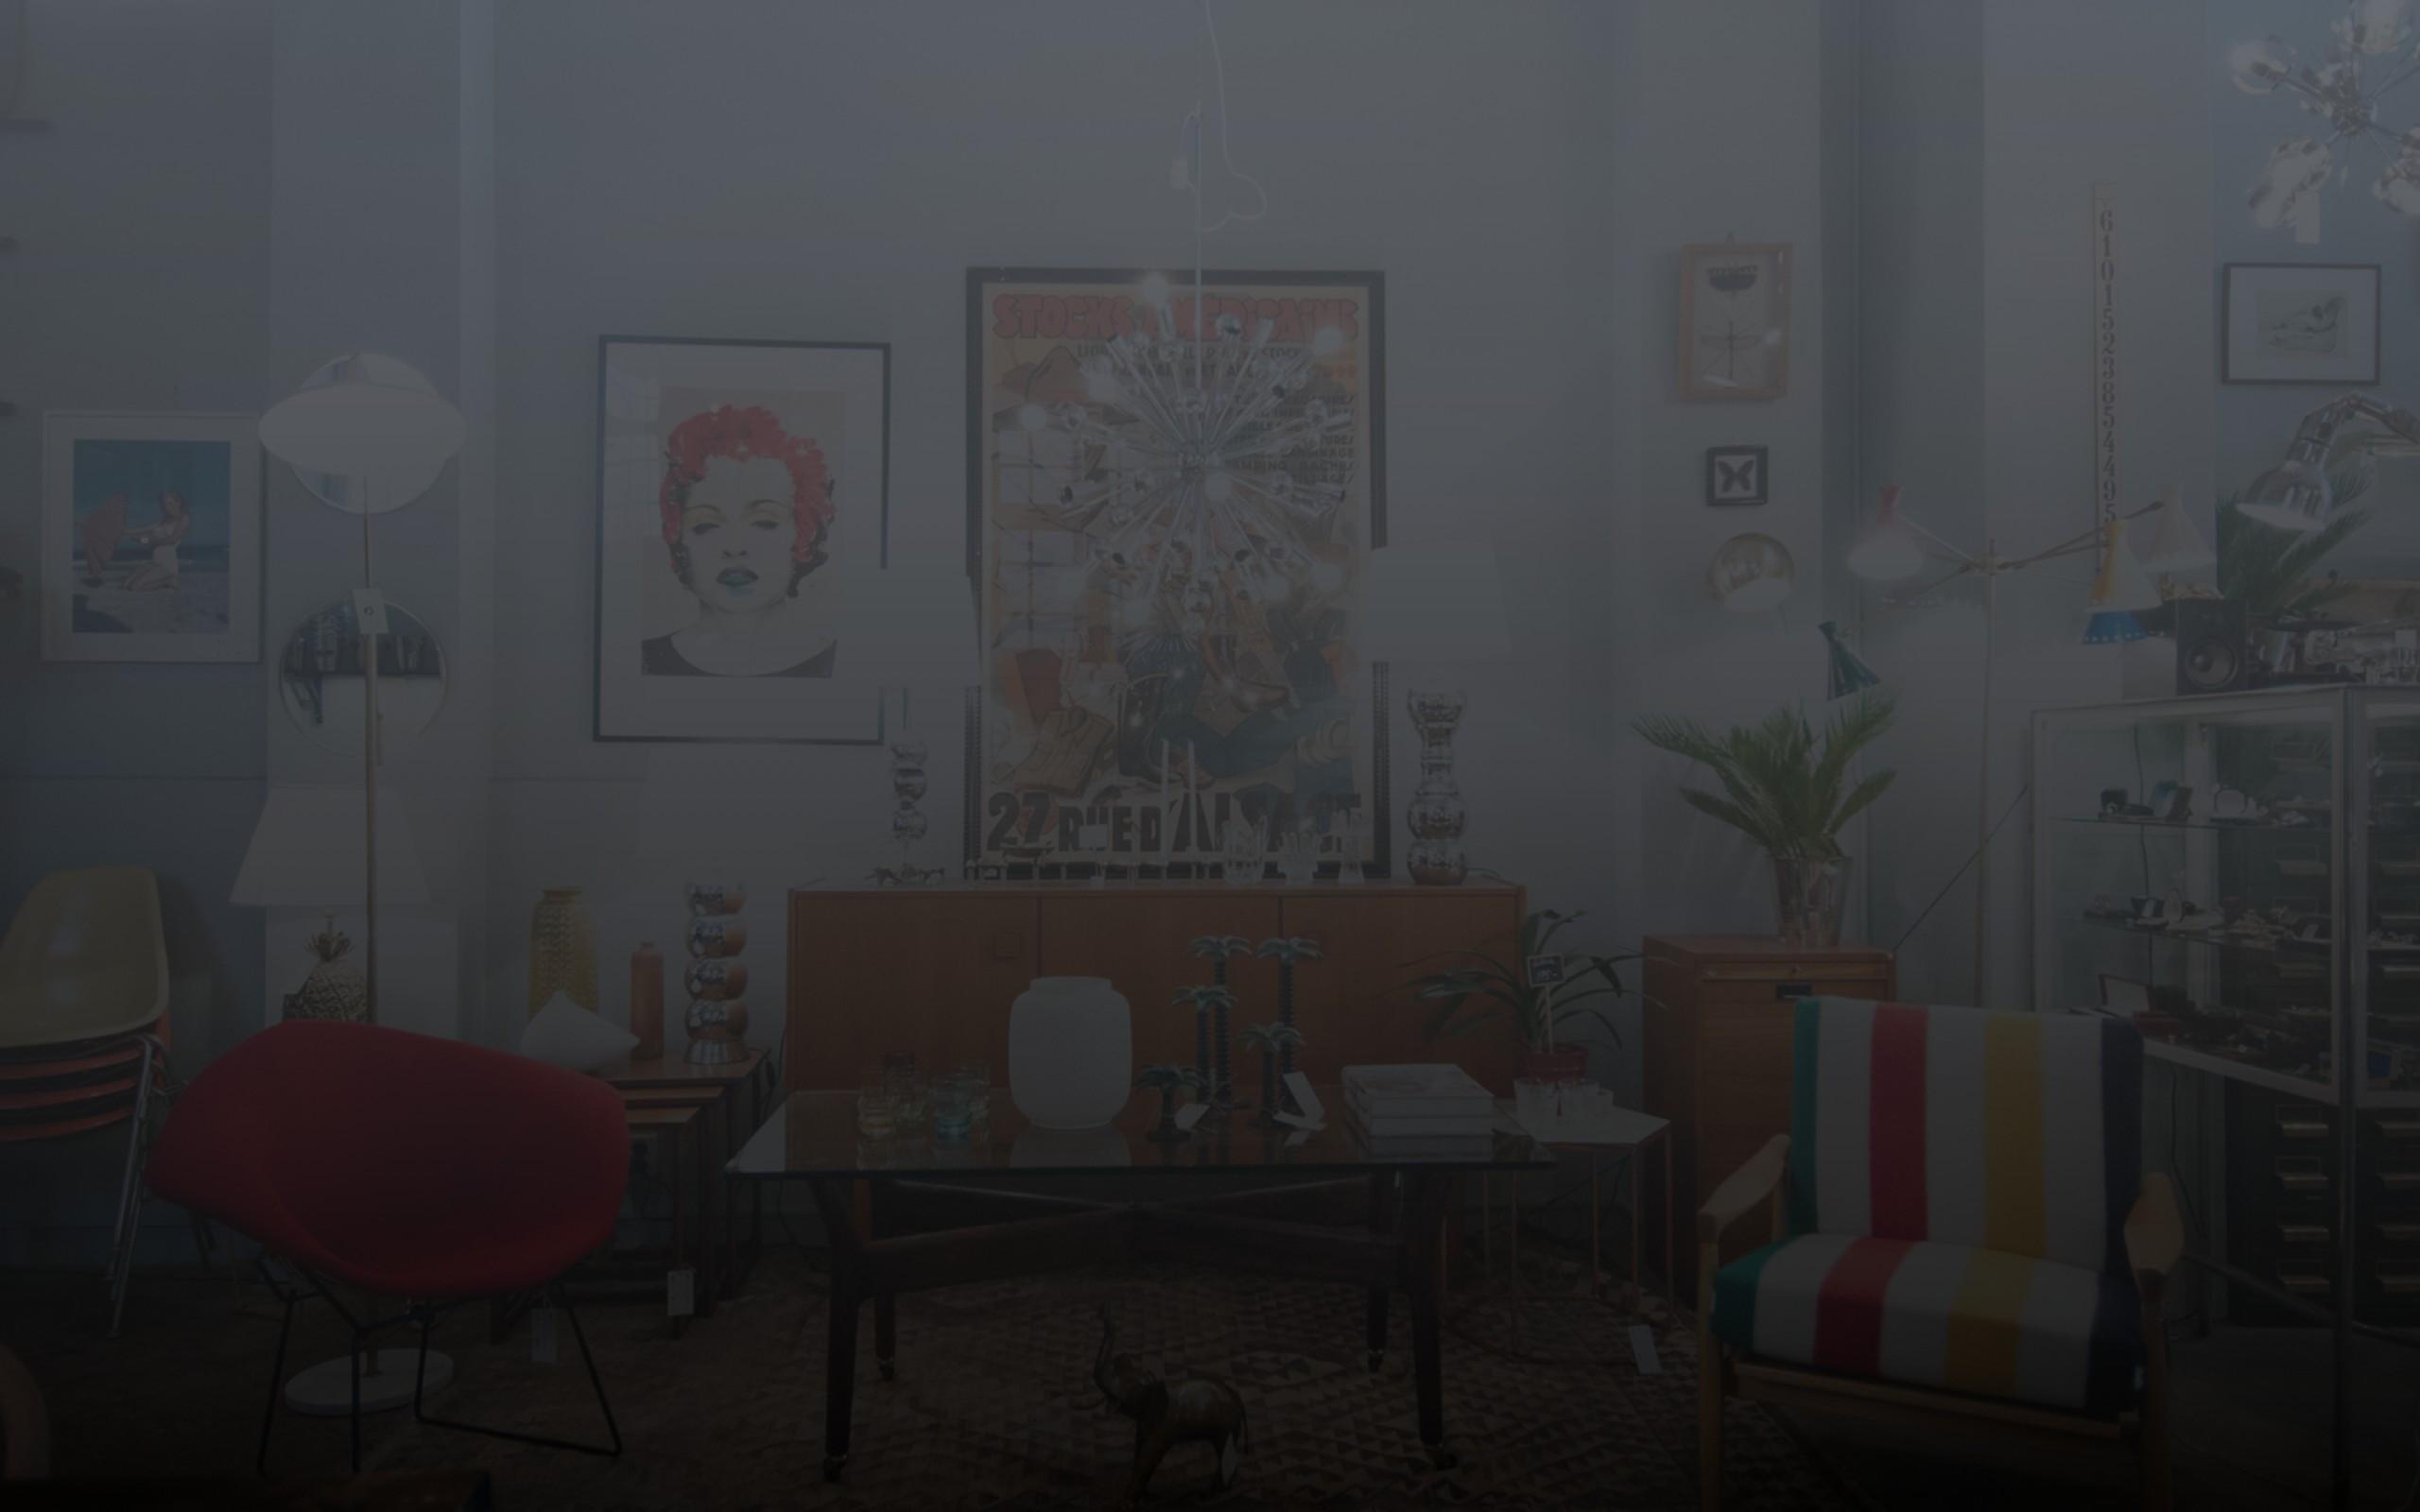 Barnebys | LinkedIn